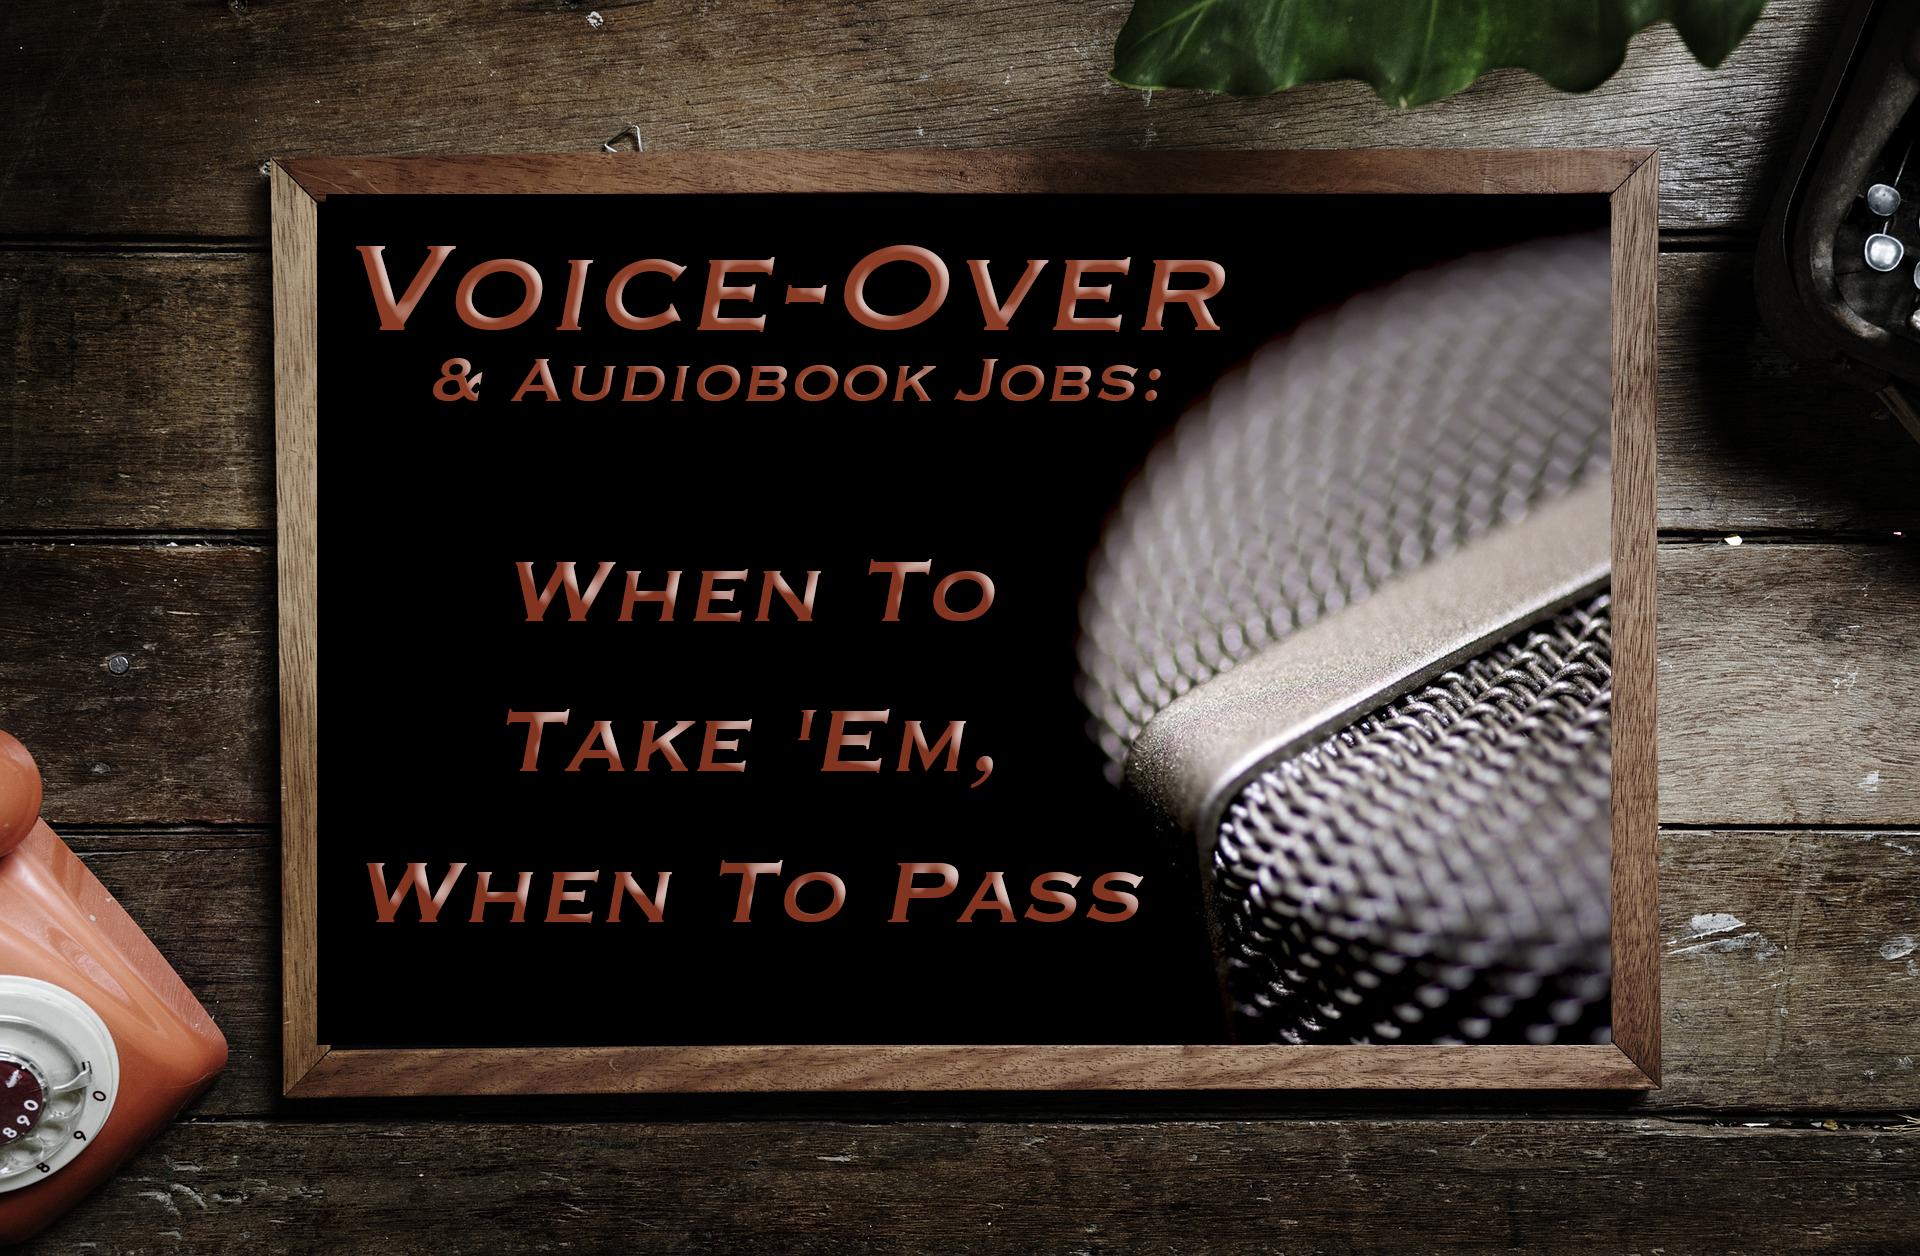 VoiceOverWorkKeepPass.jpg